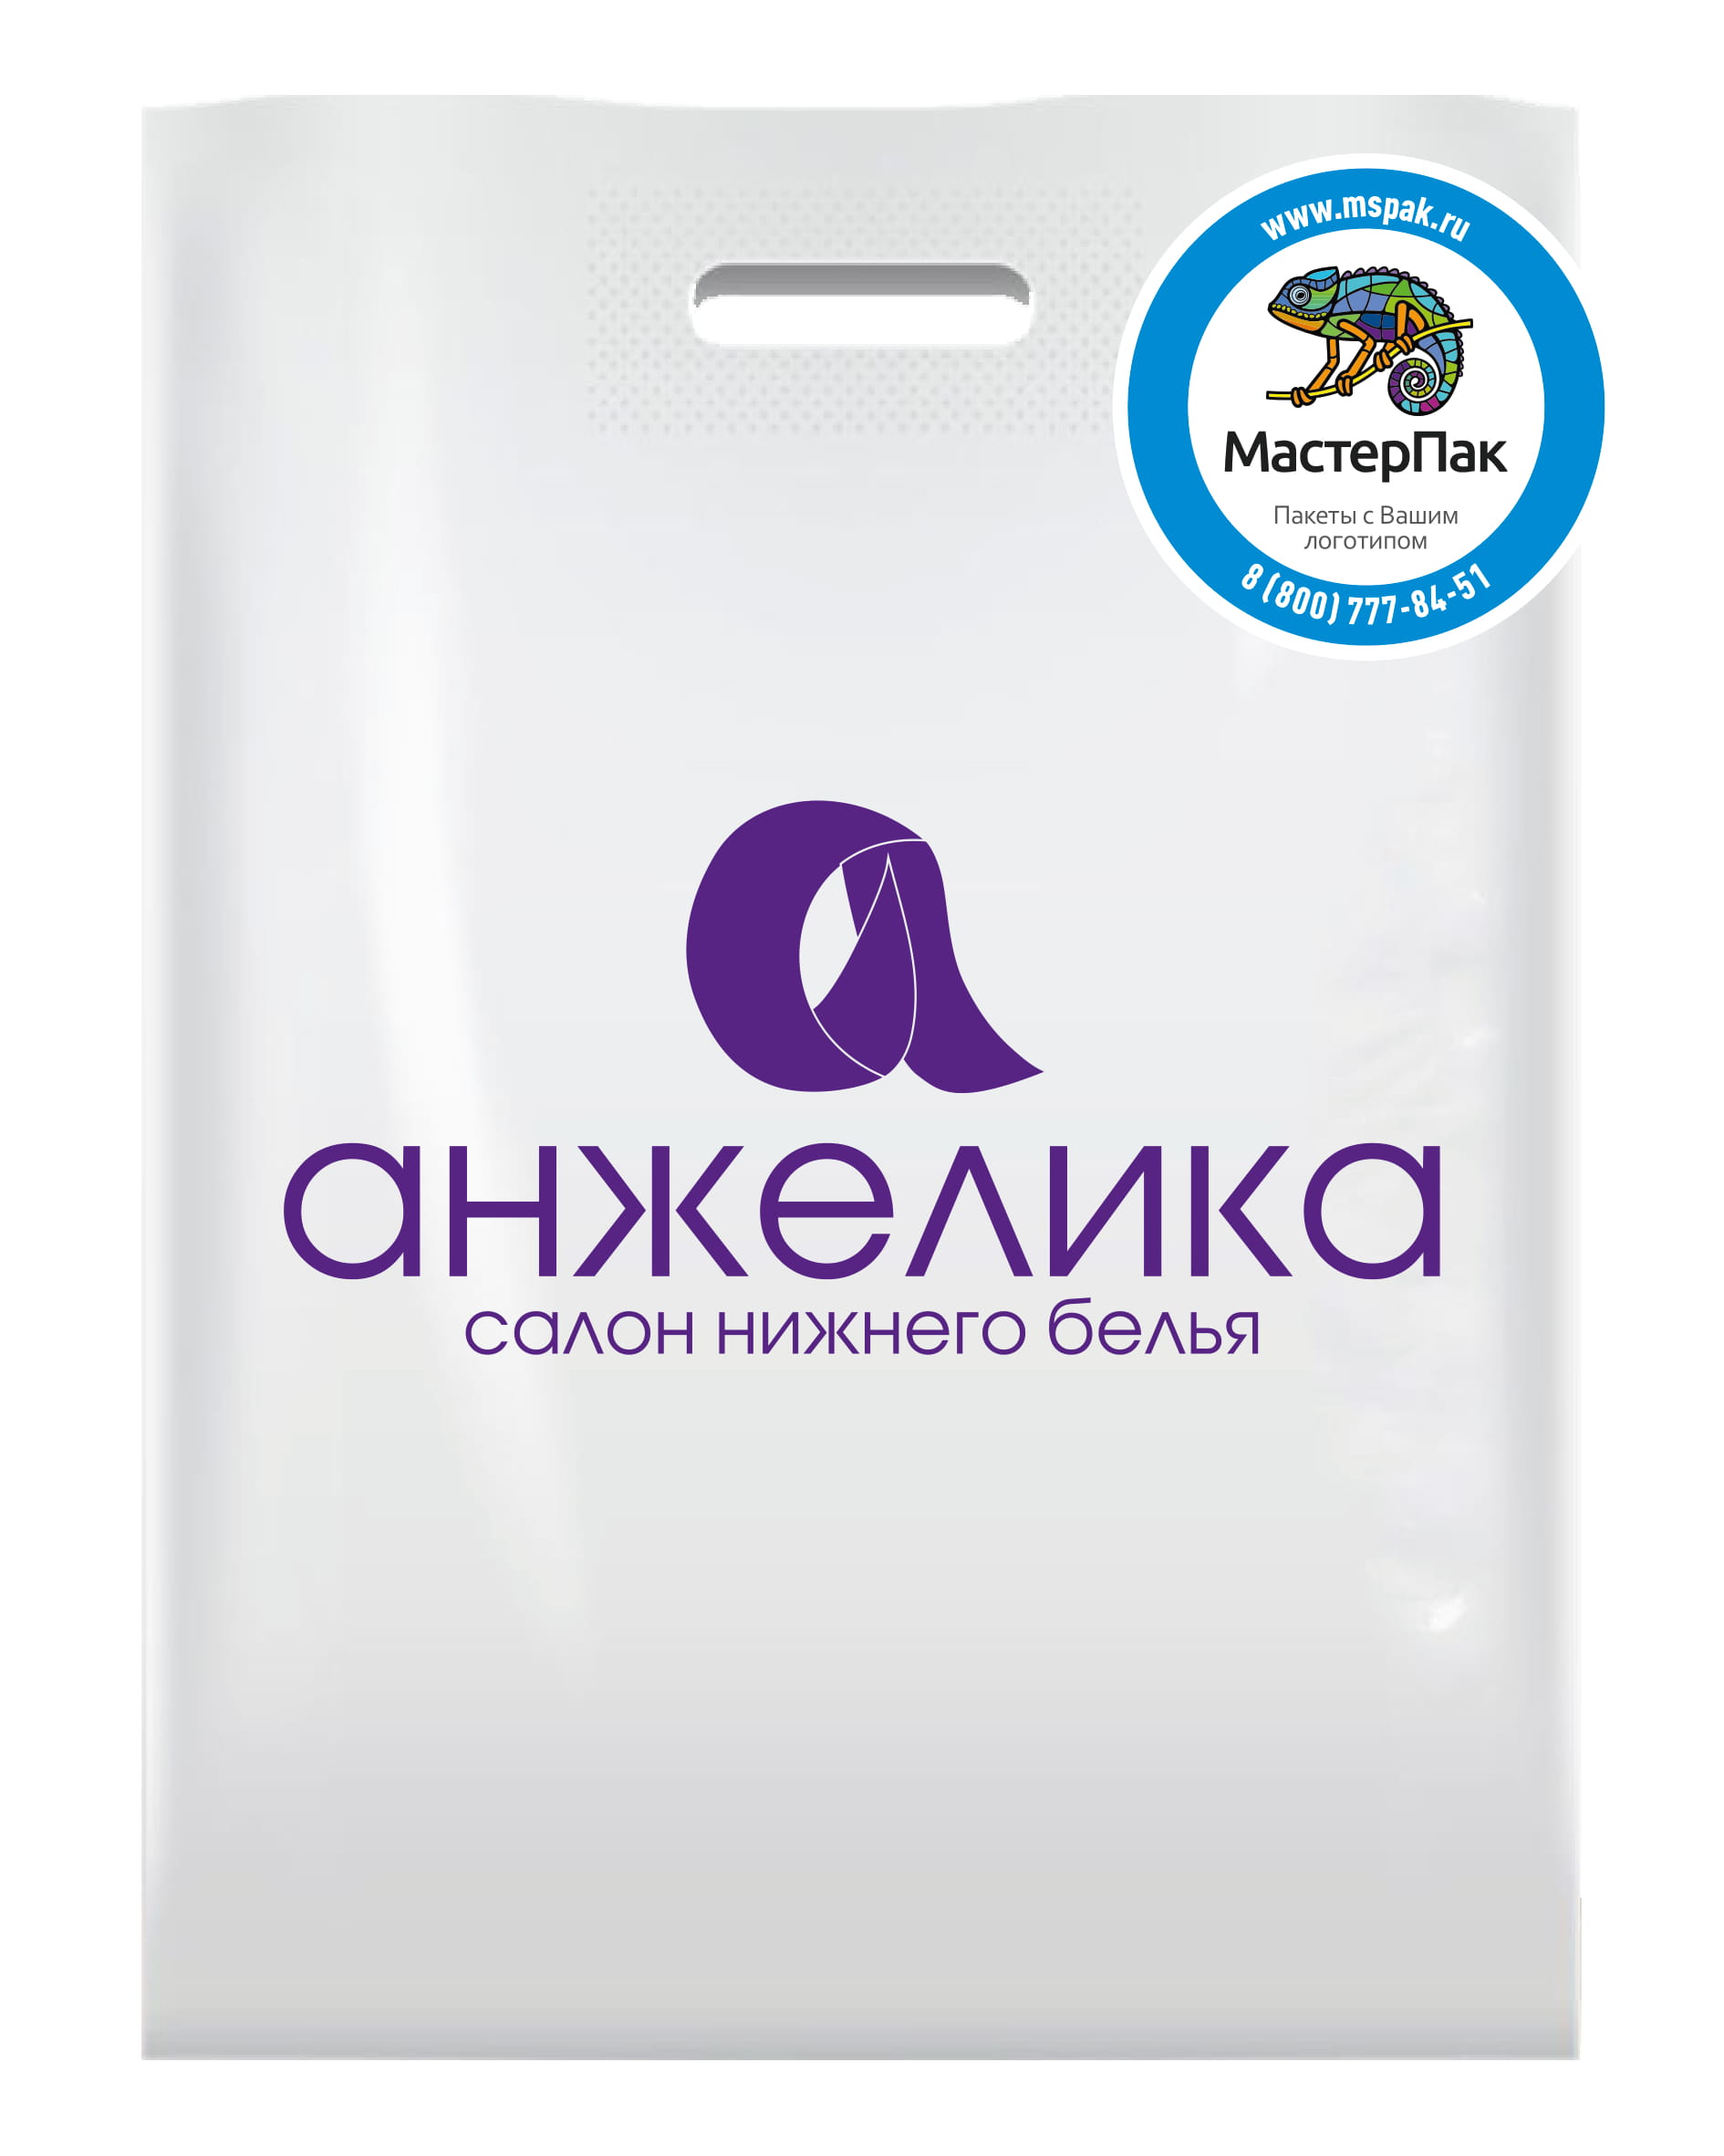 Пакет ПВД с логотипом магазина Анжелика, Оренбург, 70 мкм, 30*40, вырубная ручка